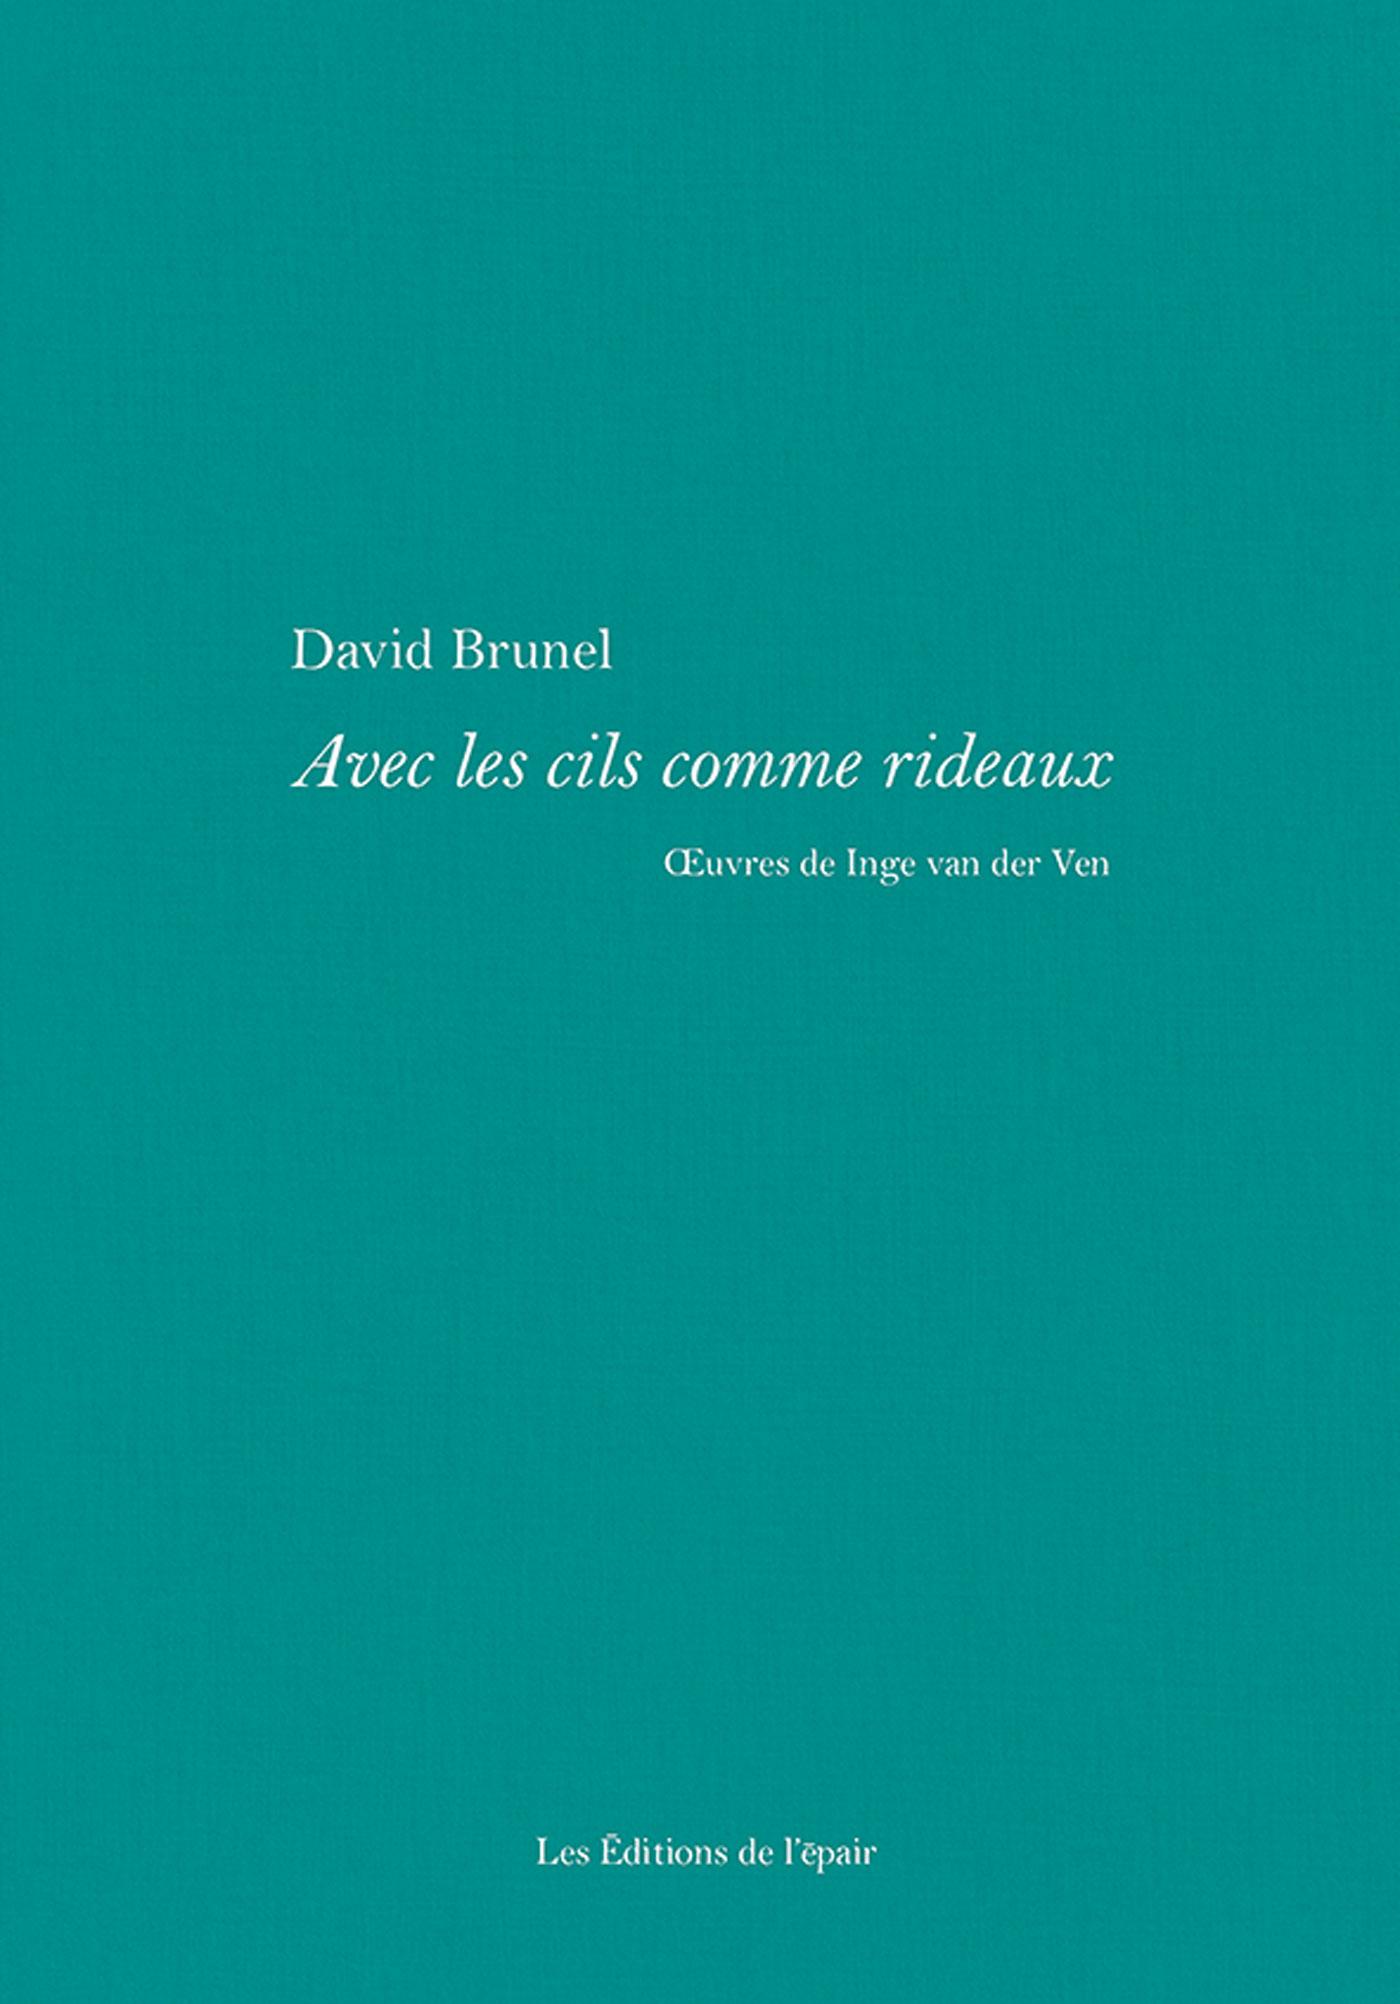 Avec les cils comme rideaux - David Brunel